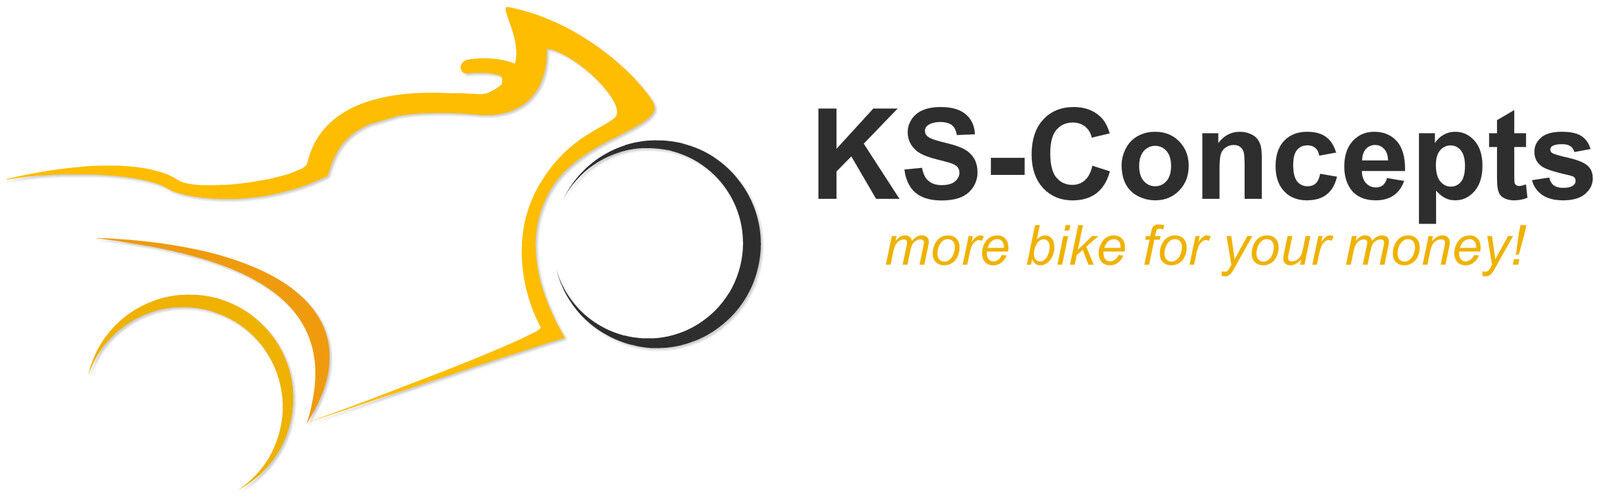 KS-Concepts